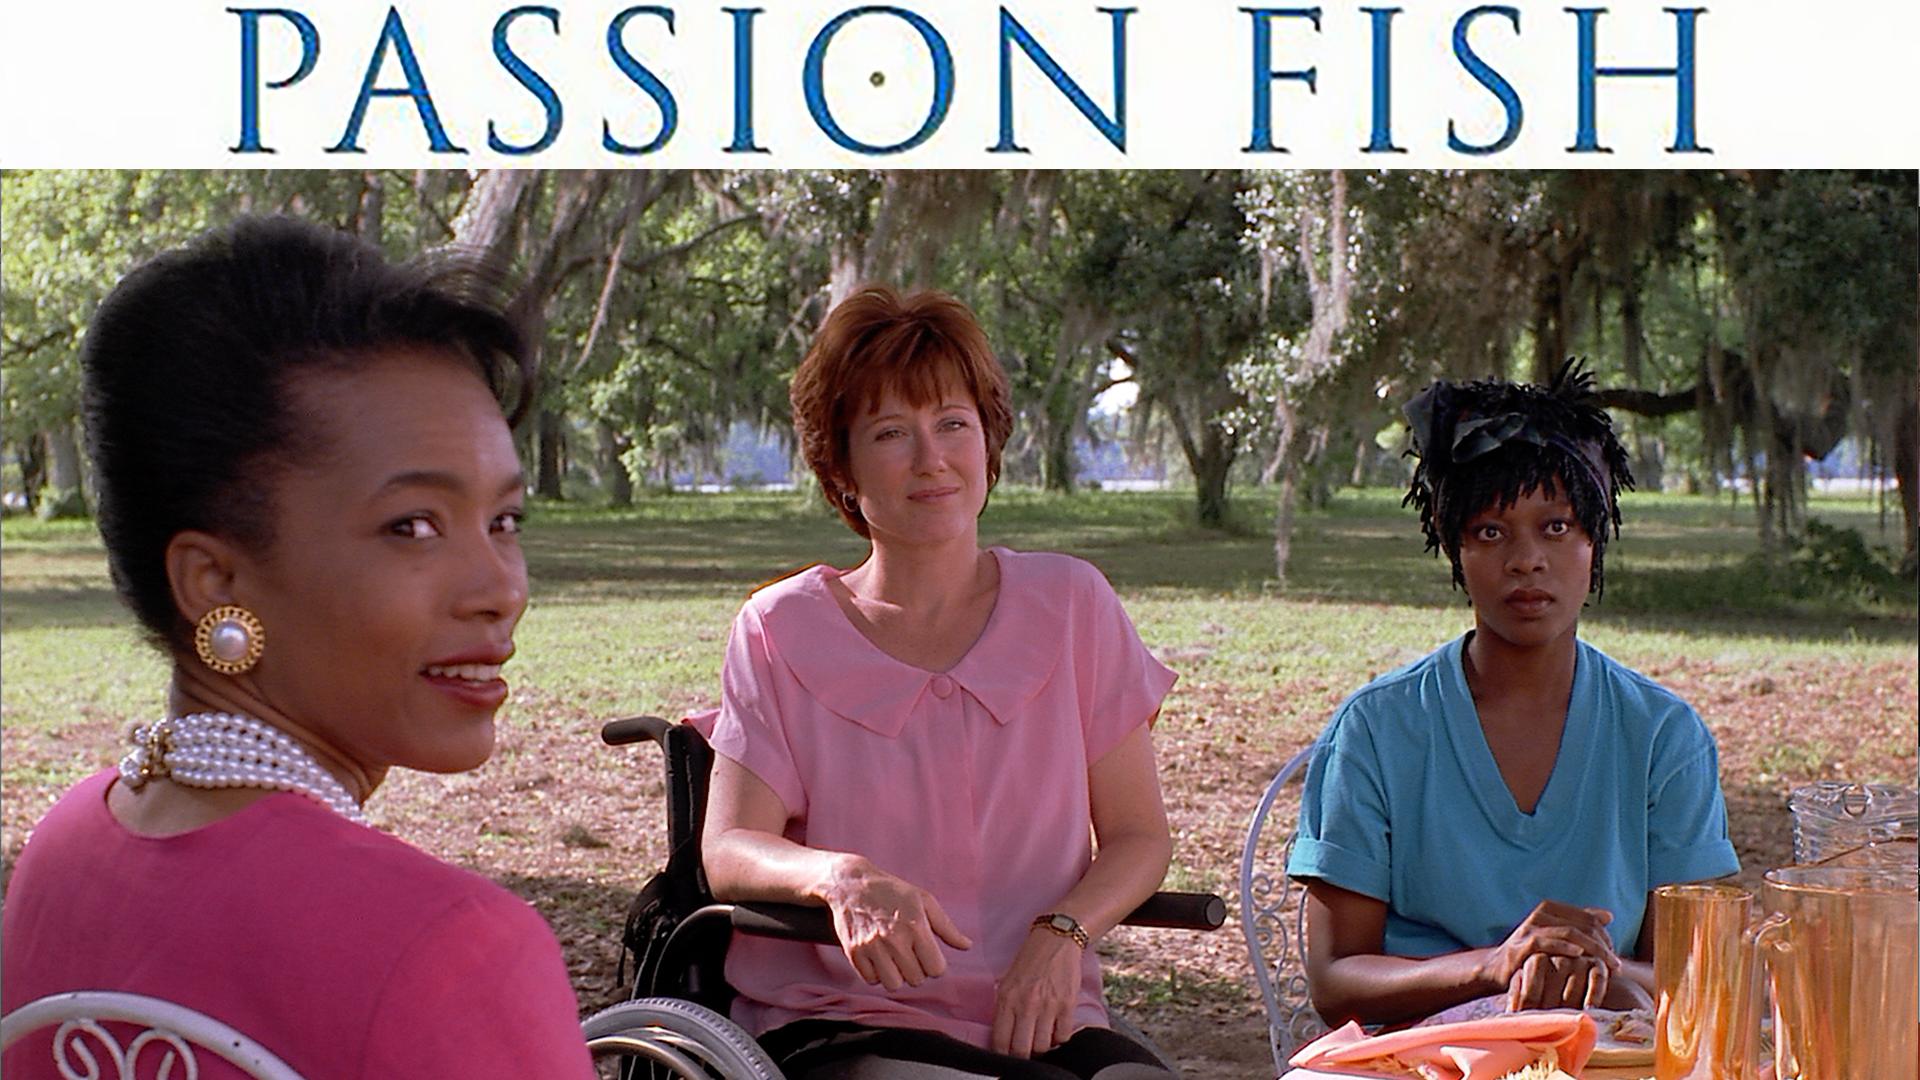 Passion Fish